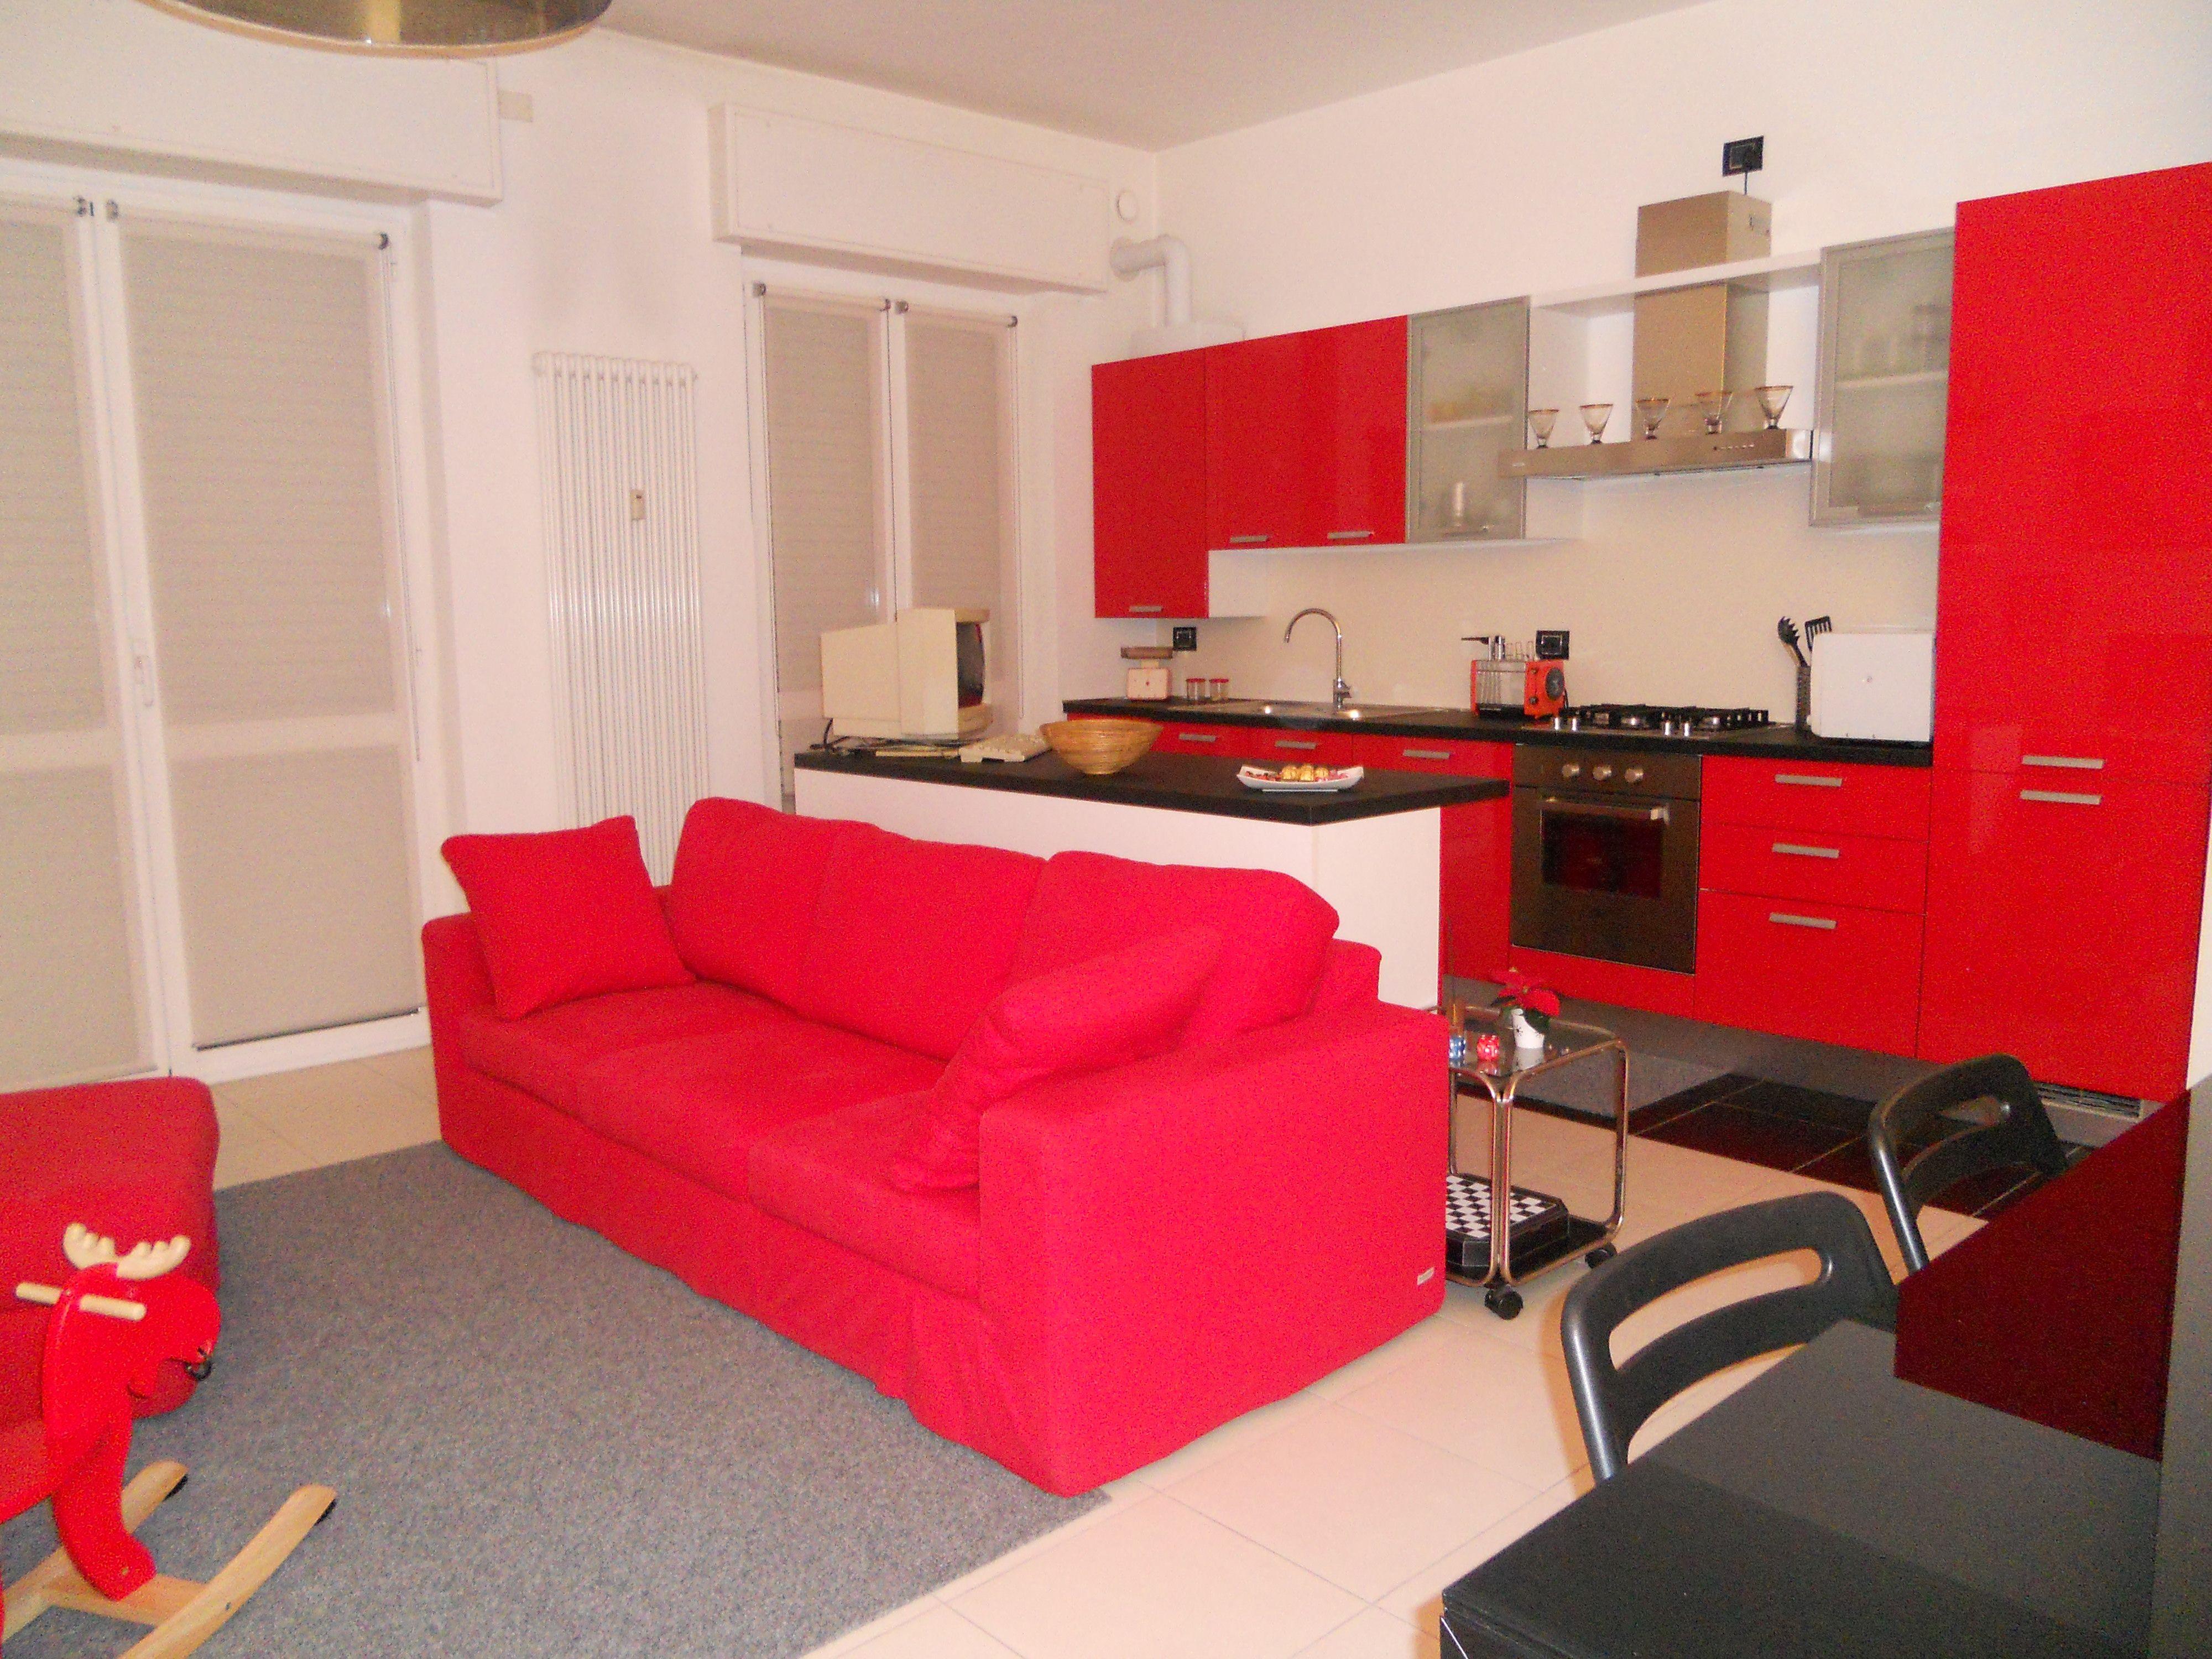 Appartamento (1-4 persone) a pochi km da Rho Fiera-Milano